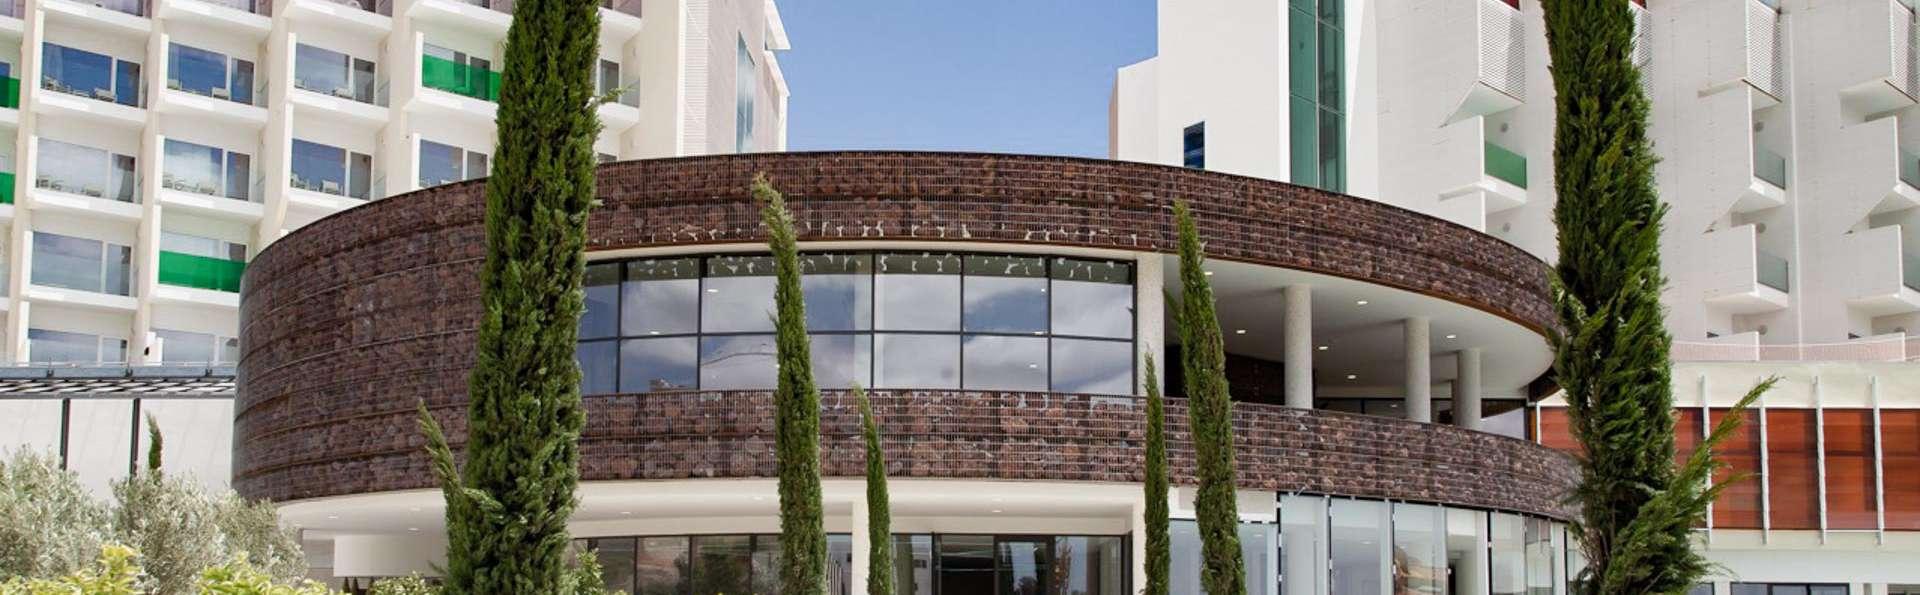 Higuerón hotel Málaga, Curio Collection by HILTON  - EDIT_N4_FRONT_01.jpg